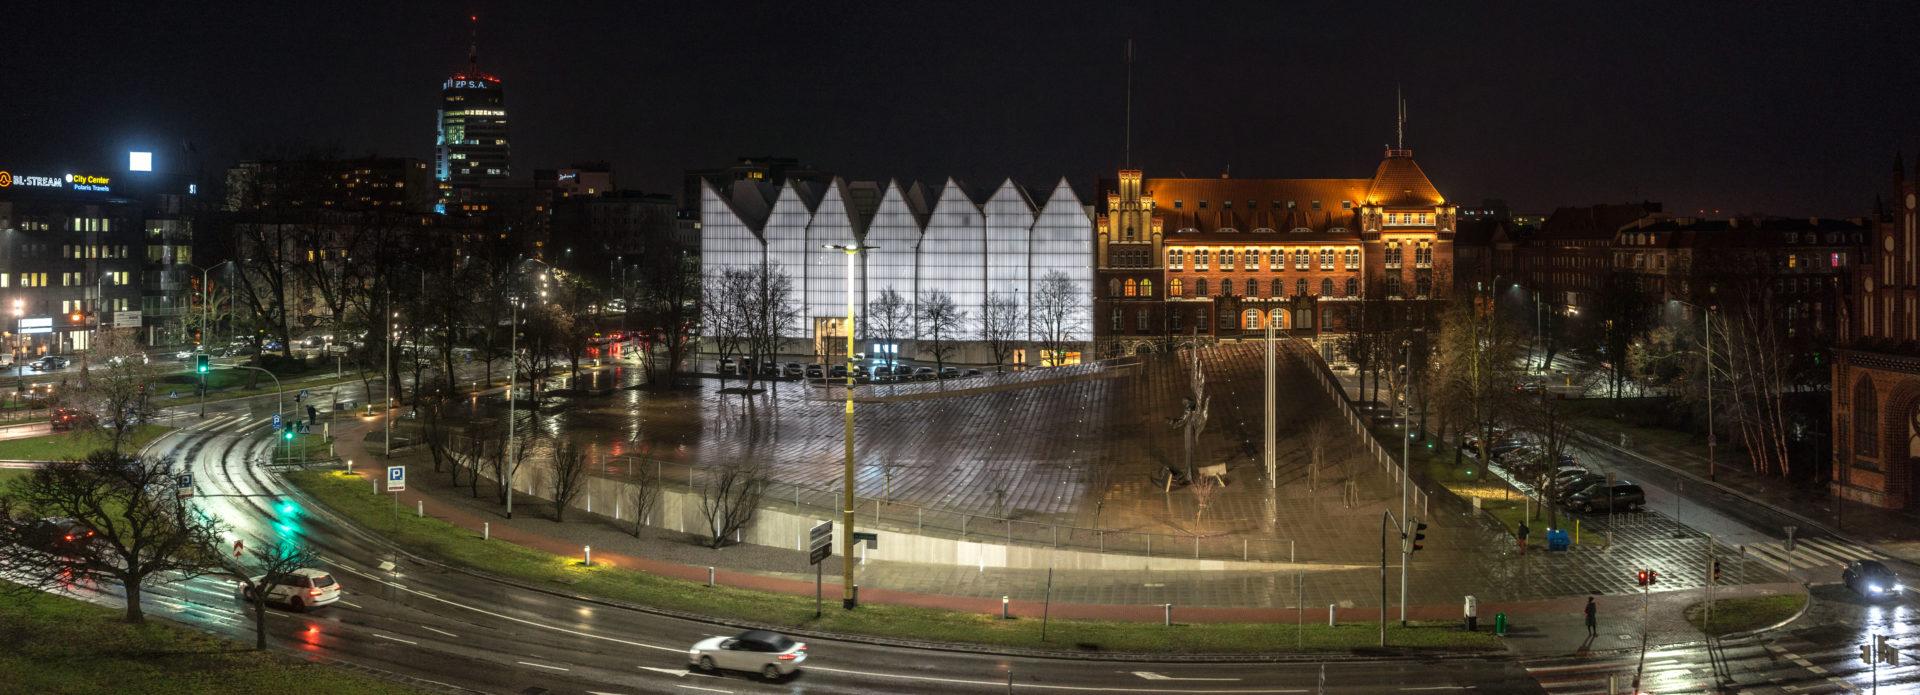 Centrum Dialogu podczas deszczu w nocy